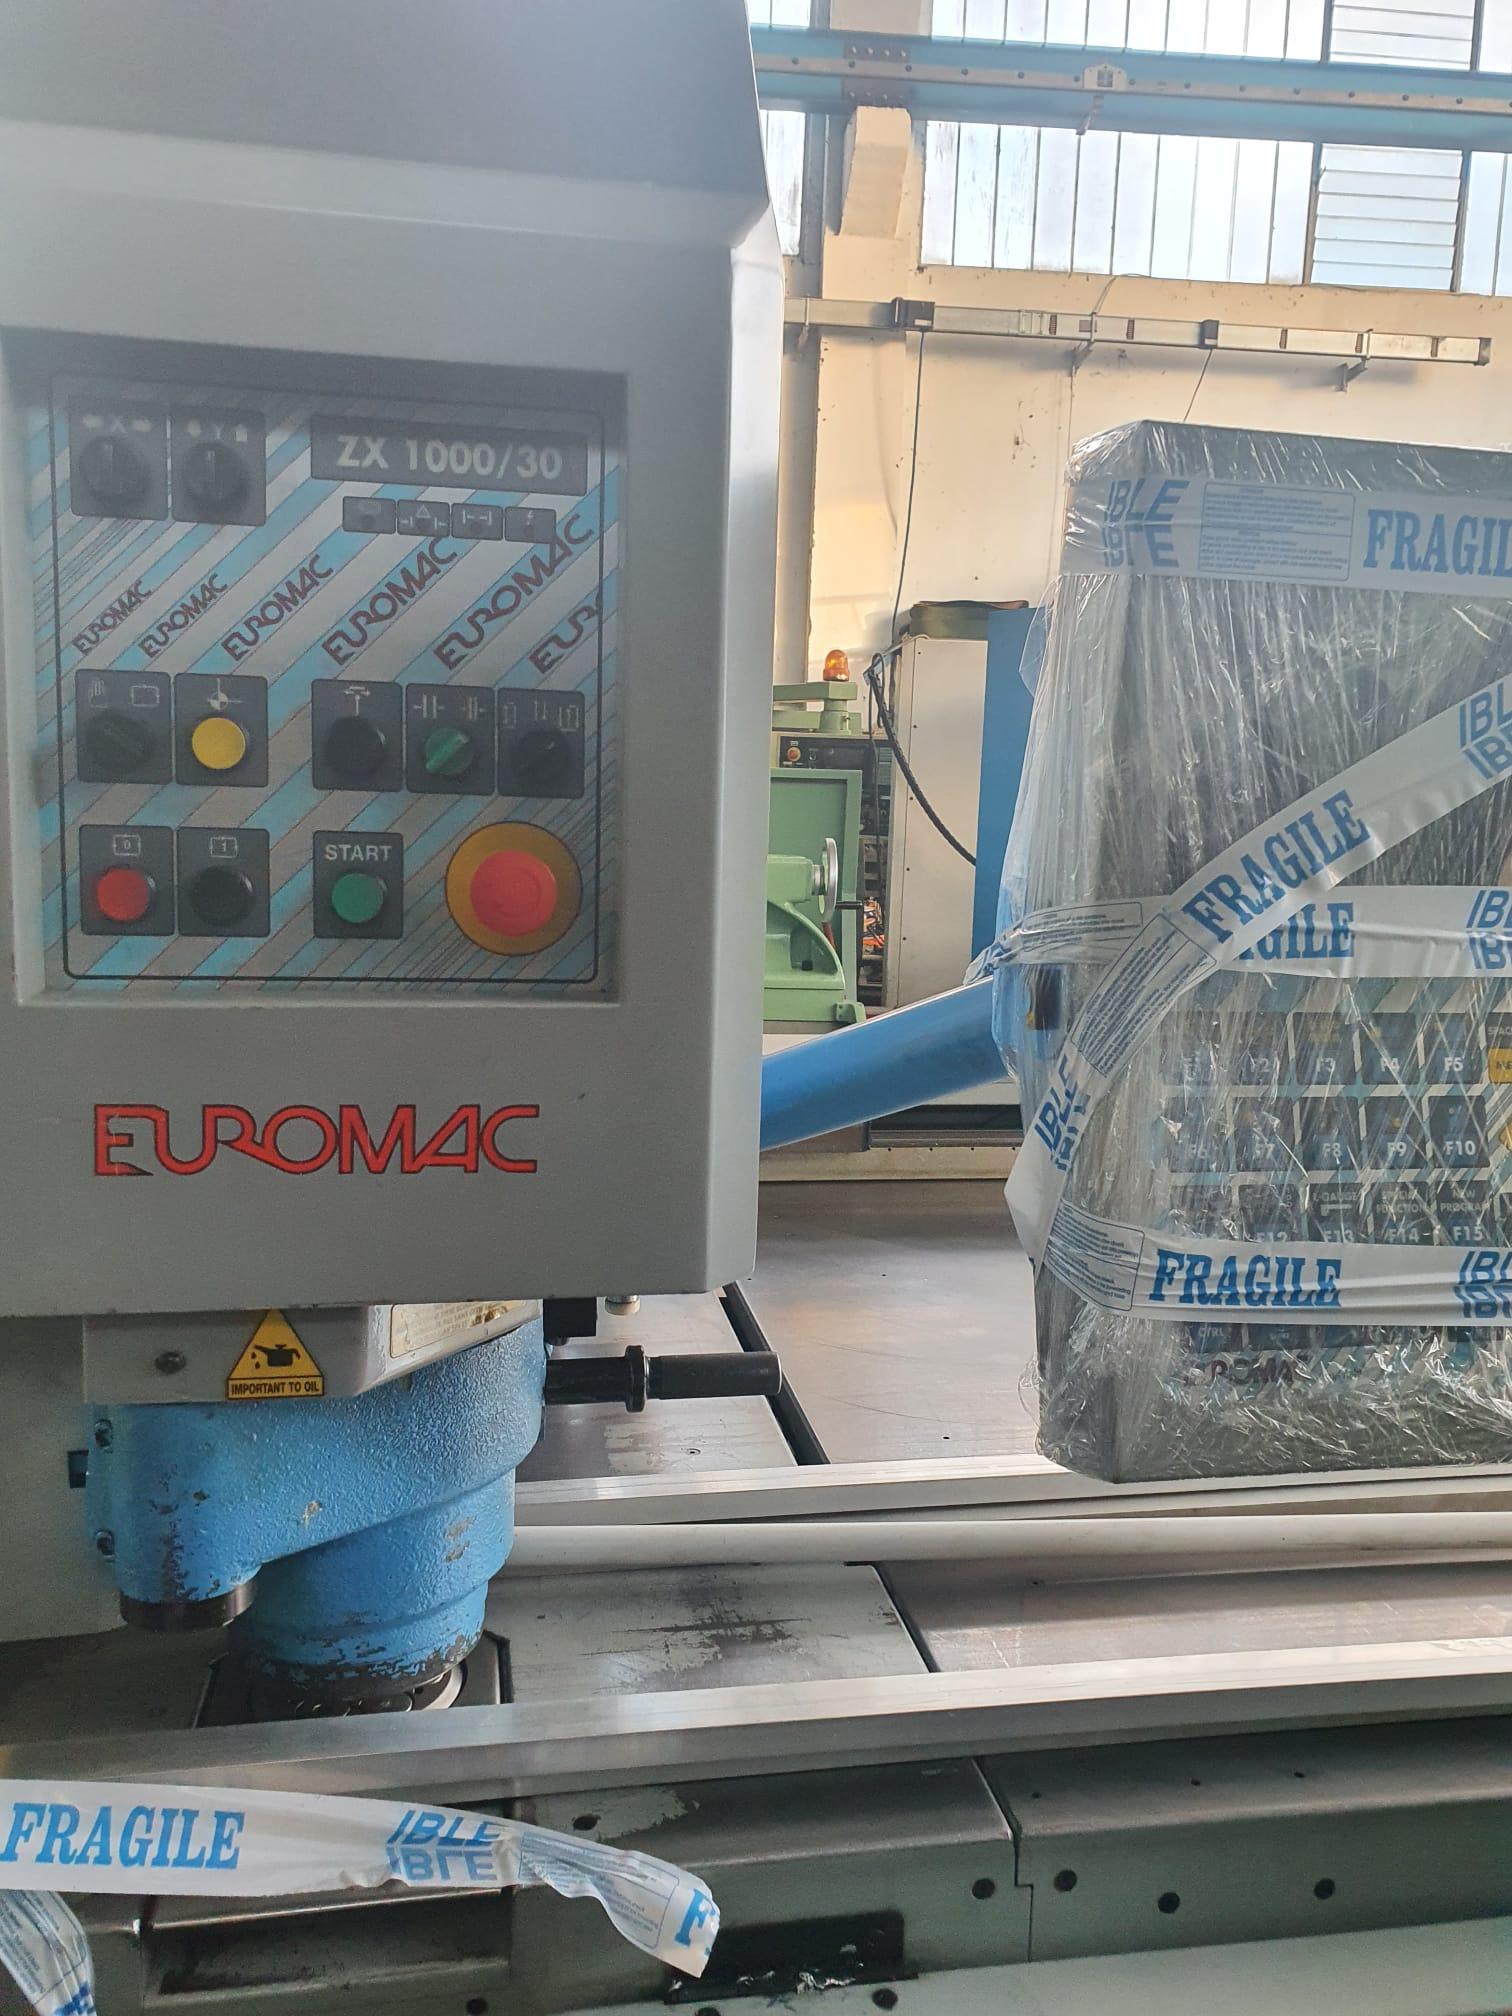 Punzonatrice CNC Euromac modello ZX 1000/30 in vendita - foto 3